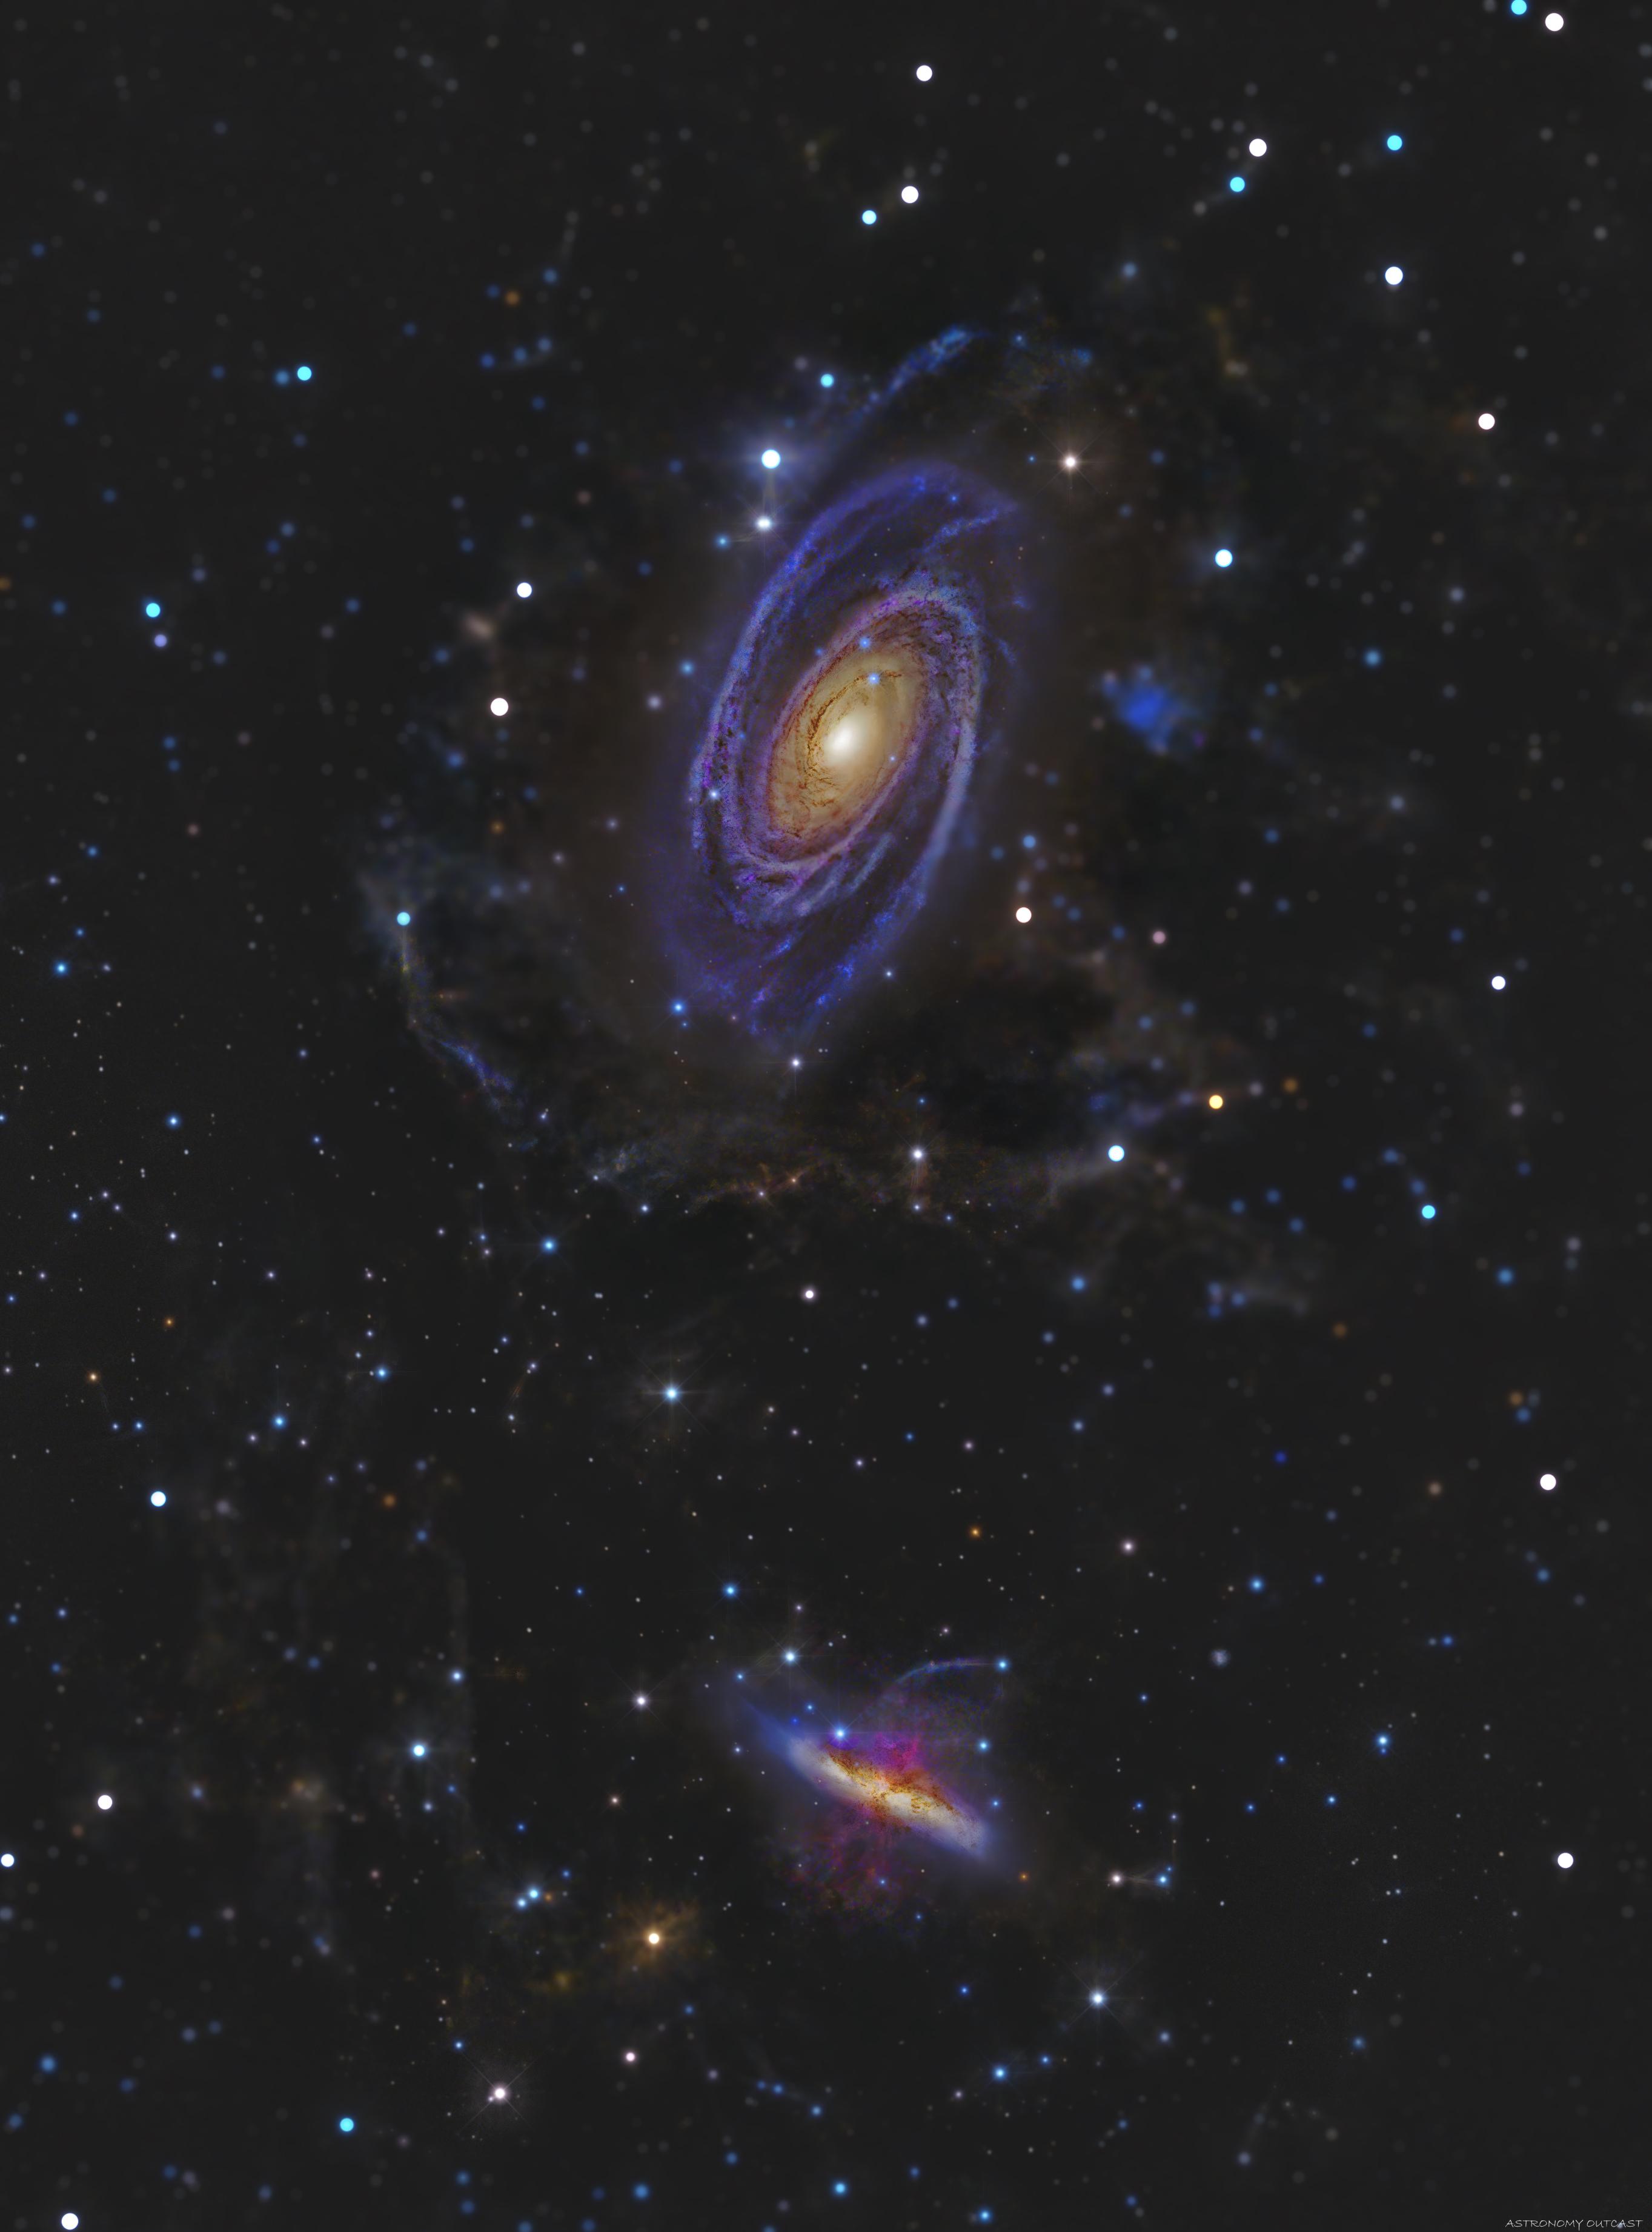 Duo_cosmic_de_la_muerte_v2